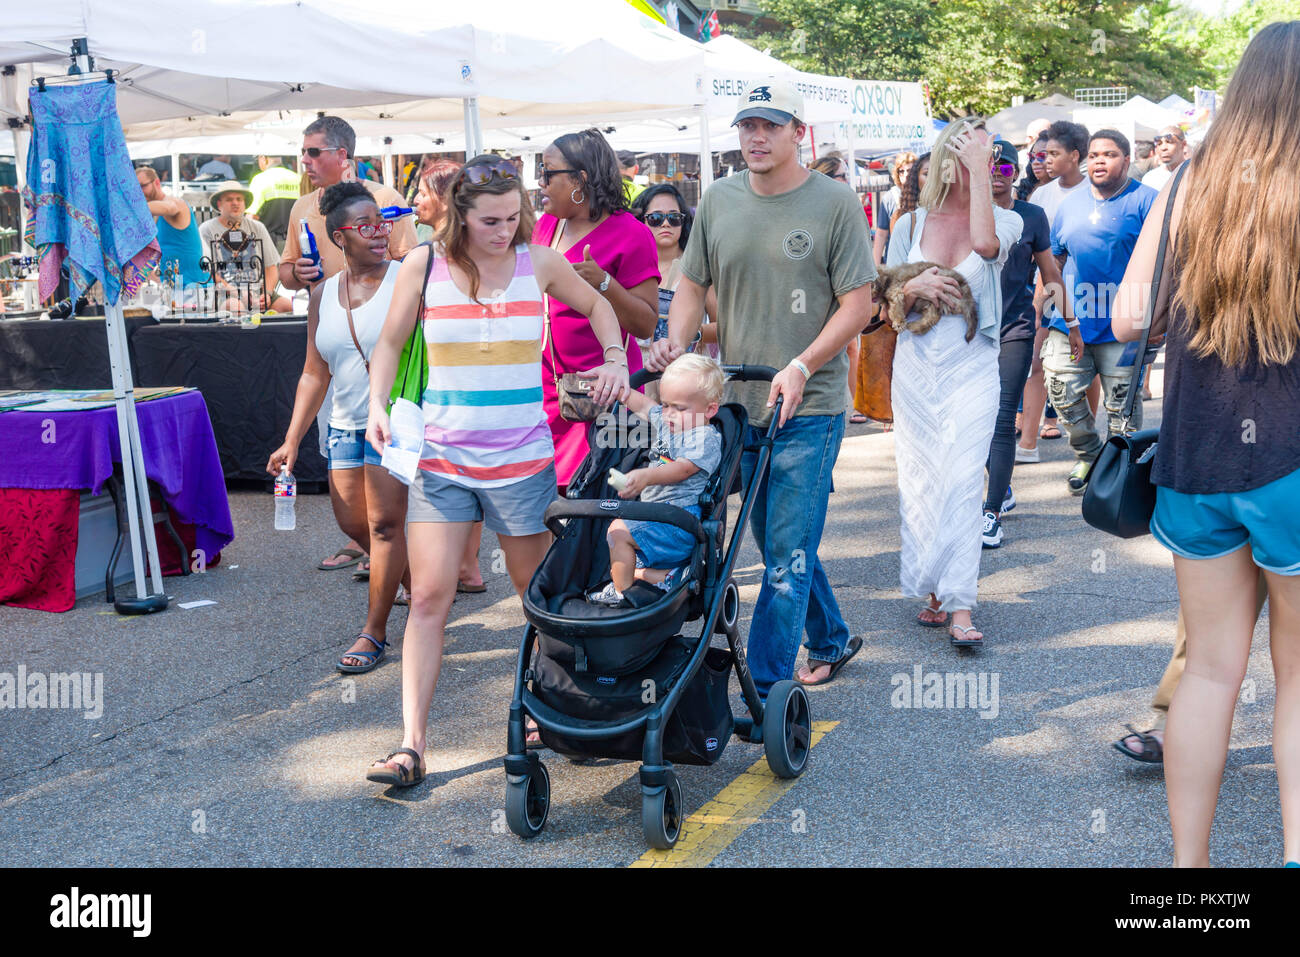 En Memphis, Tennessee. El 15 de septiembre de 2018. Festival Cooper-Young Memp 2018.su, Tennessee. El mayor festival de un día en Tennessee. La gente disfruta de la última del verano con arte, comida y buena música. Crédito: Gary Culley/Alamy Live News Foto de stock